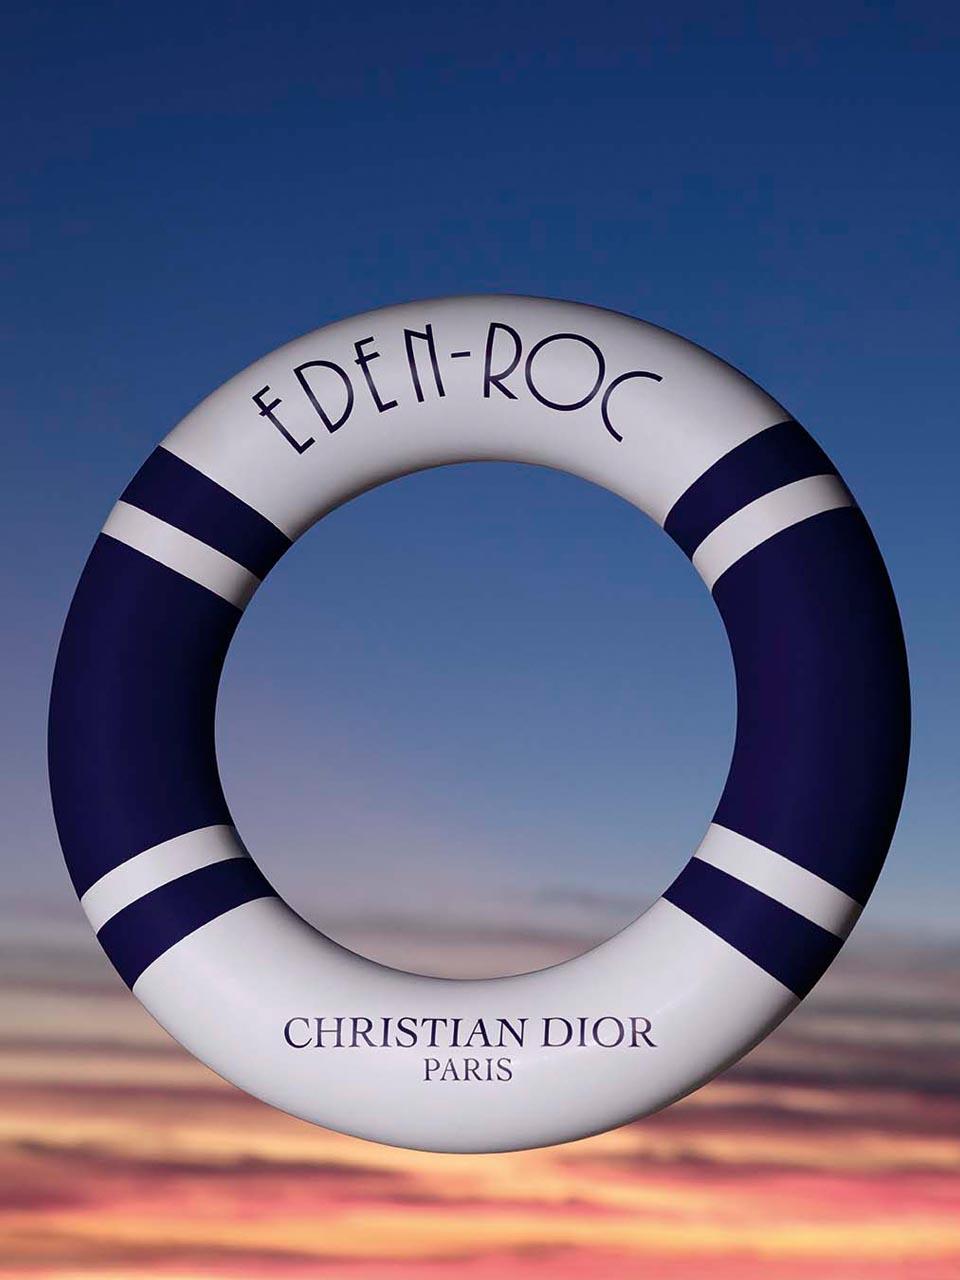 Dior Parfum Eden Roc